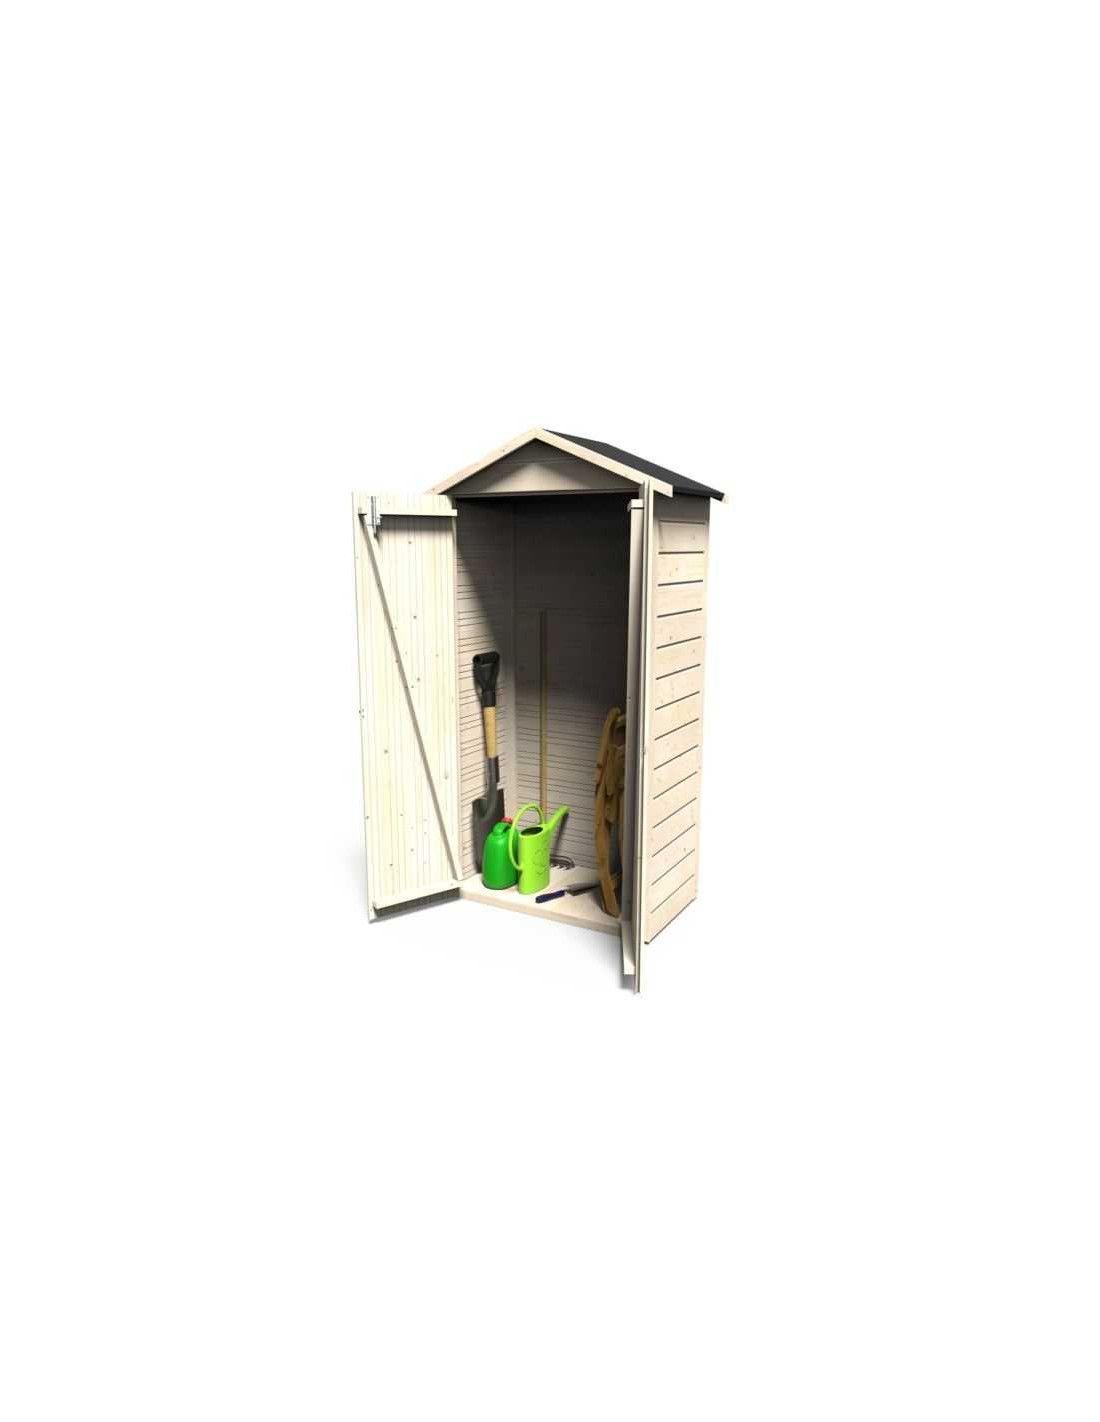 Armarios de exterior armario de madera mod bora 92x51cm - Armario madera exterior ...